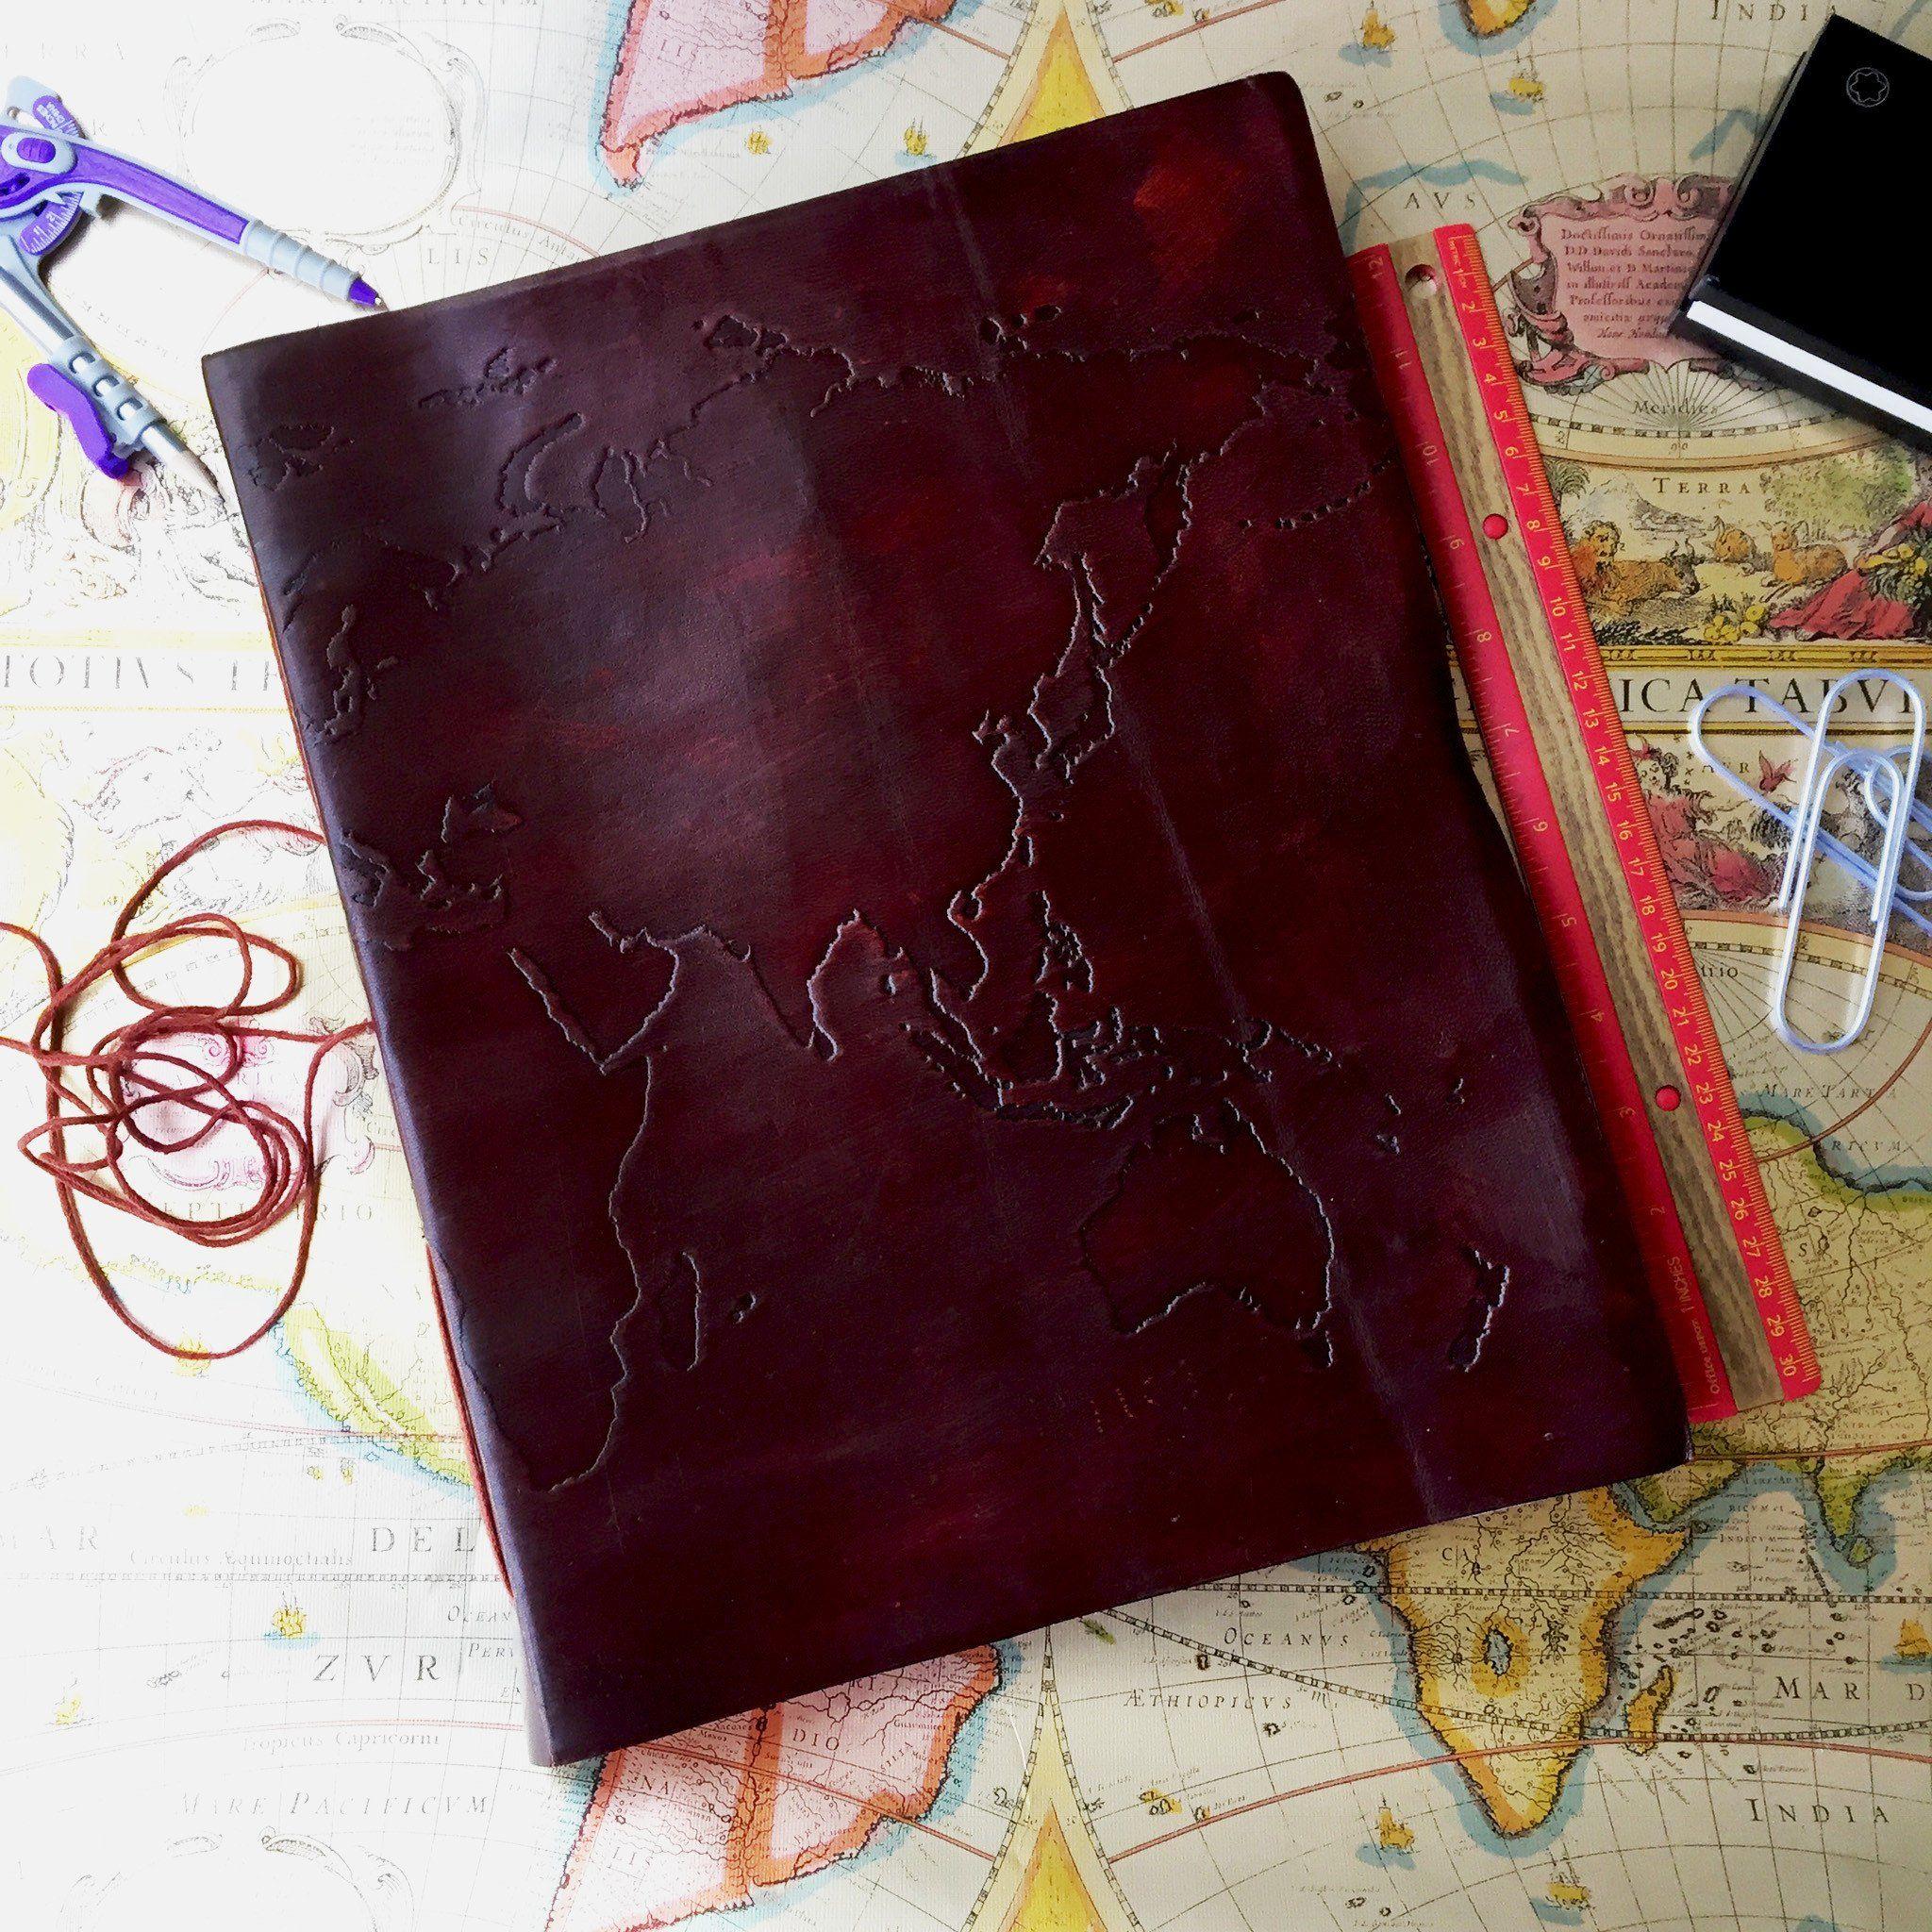 World map oversized large handmade leather journal handmade leather world map oversized large handmade leather journal gumiabroncs Choice Image